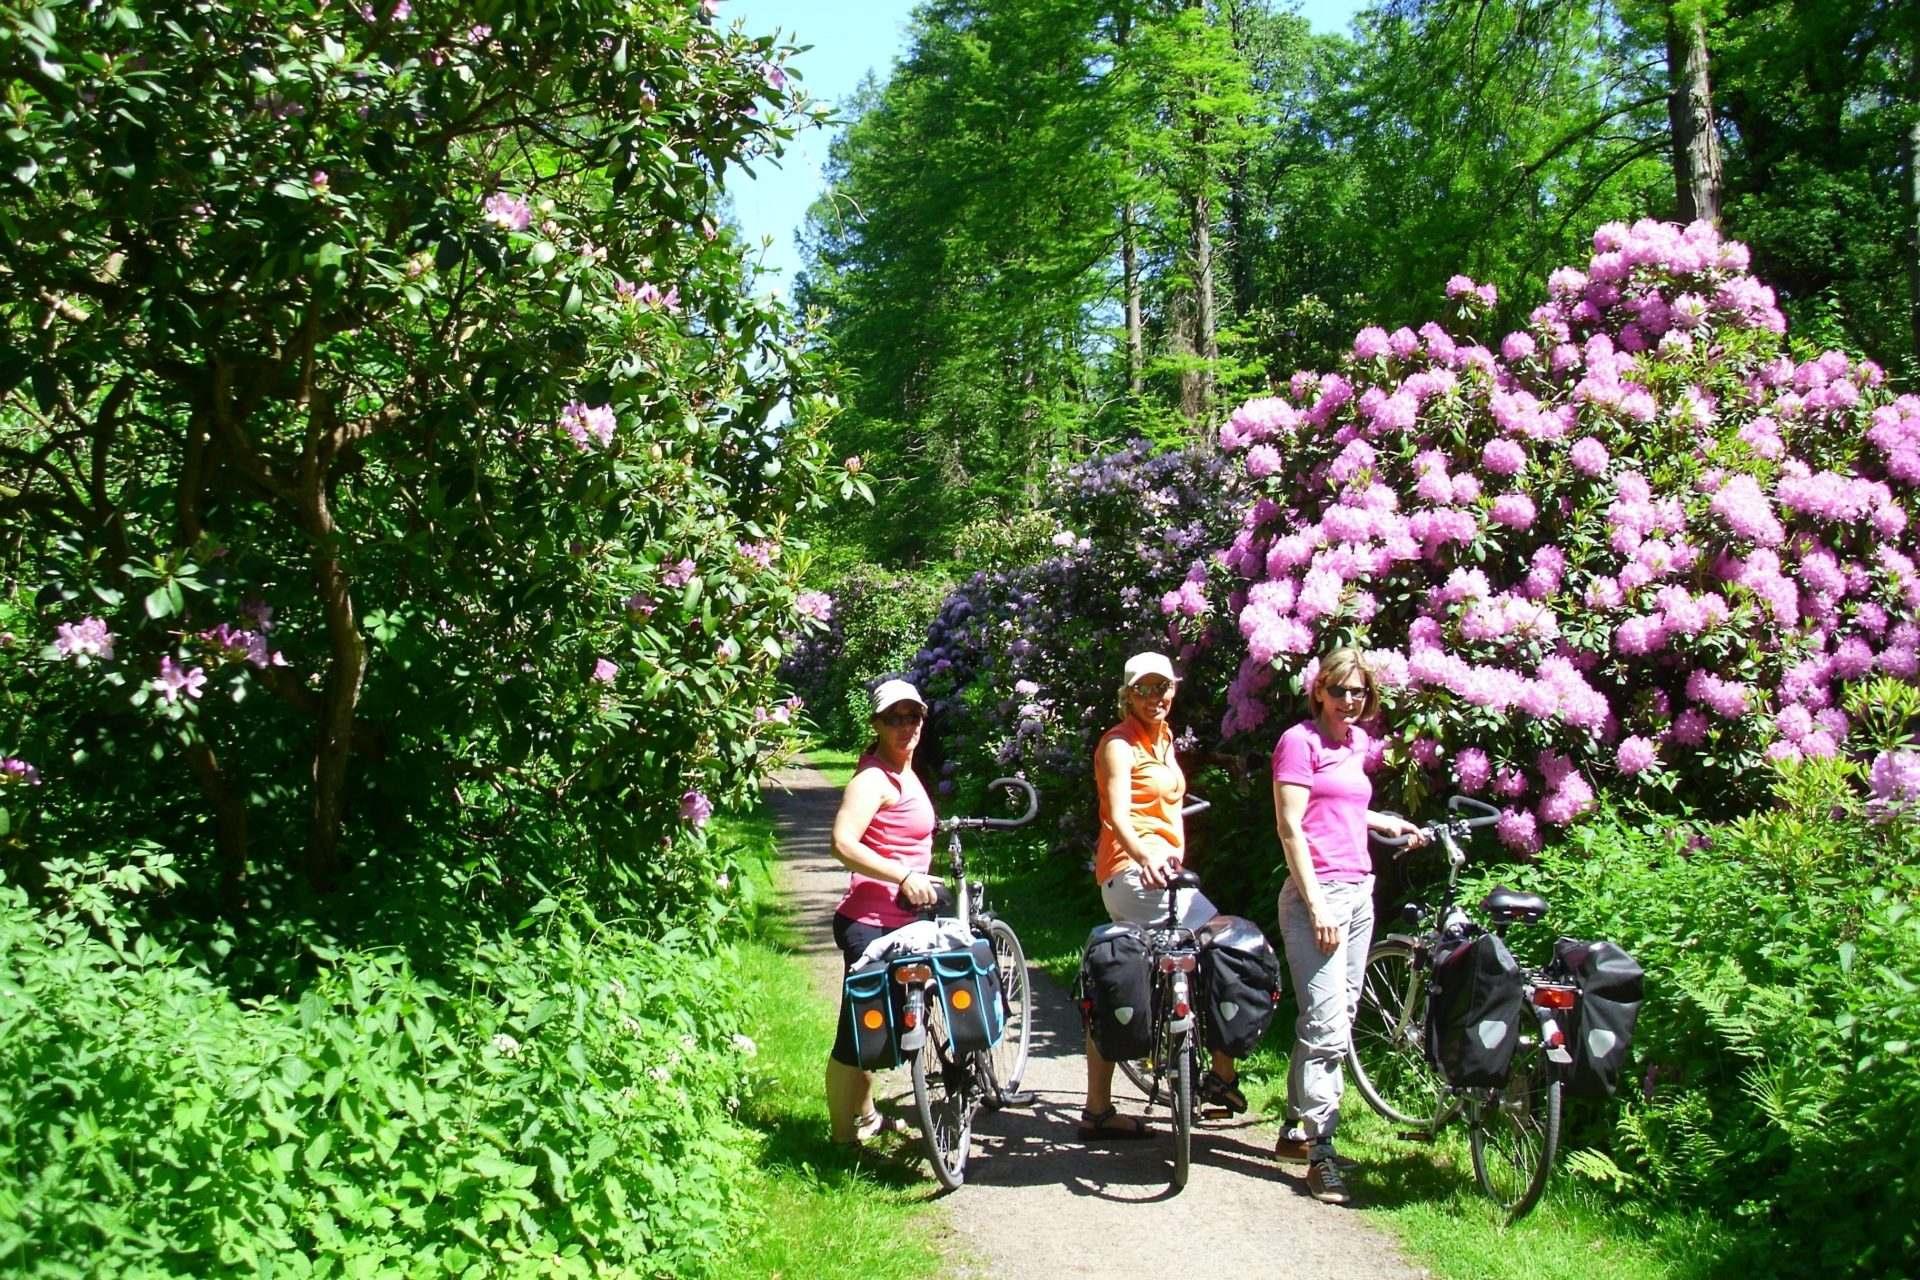 Foto1: Radreise-Gartentraumtour, Grün, Fahrräder, Rhododondren